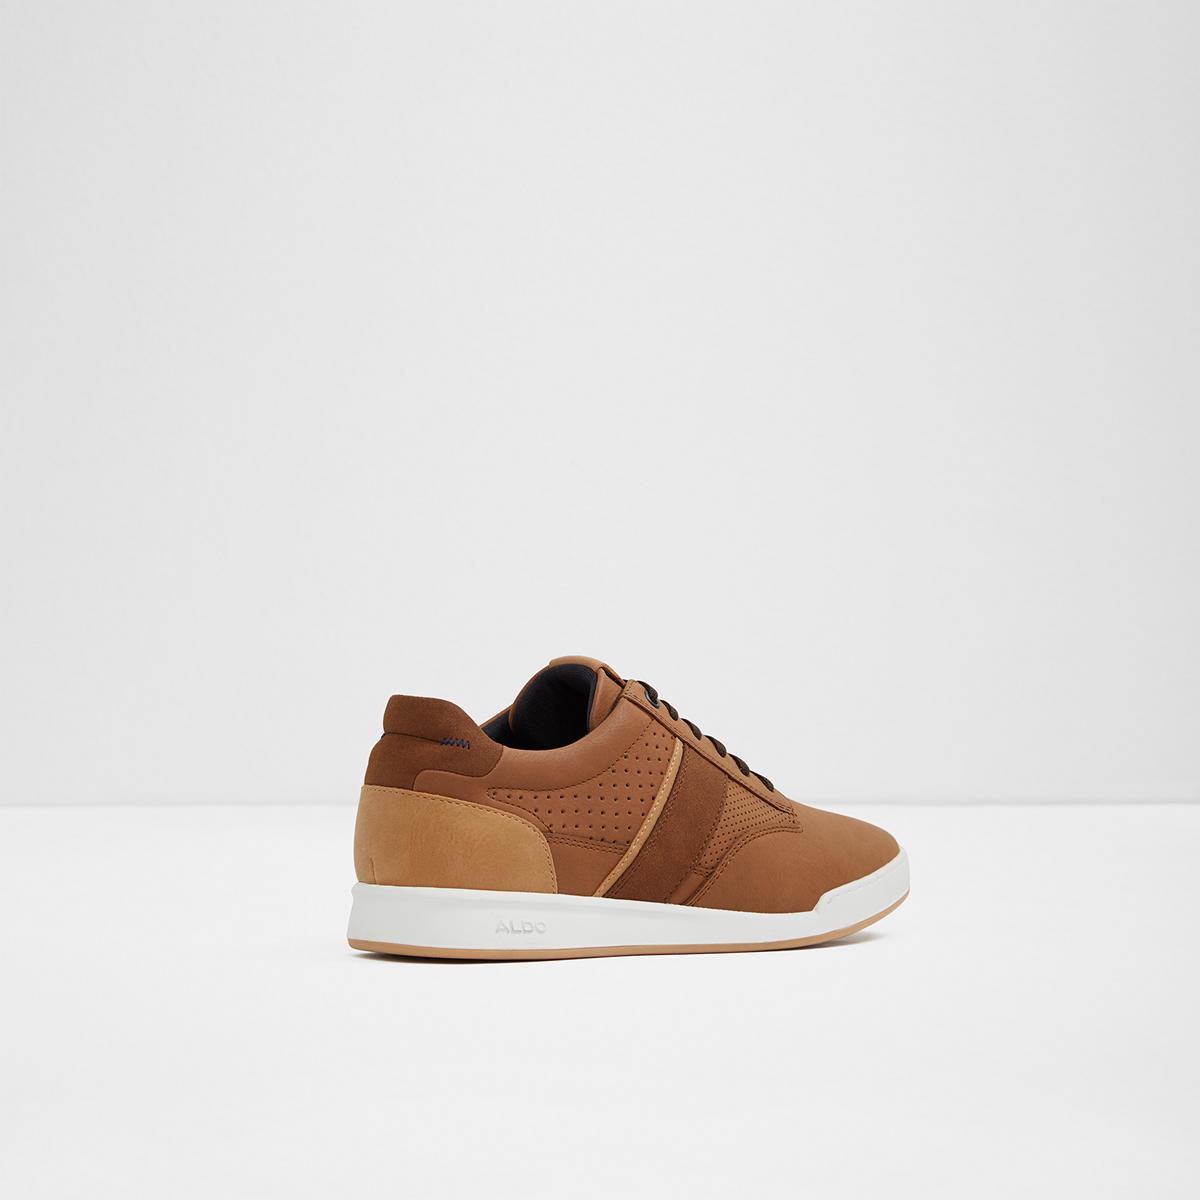 e250e213e10f25 Mireralla Cognac Men s Sneakers